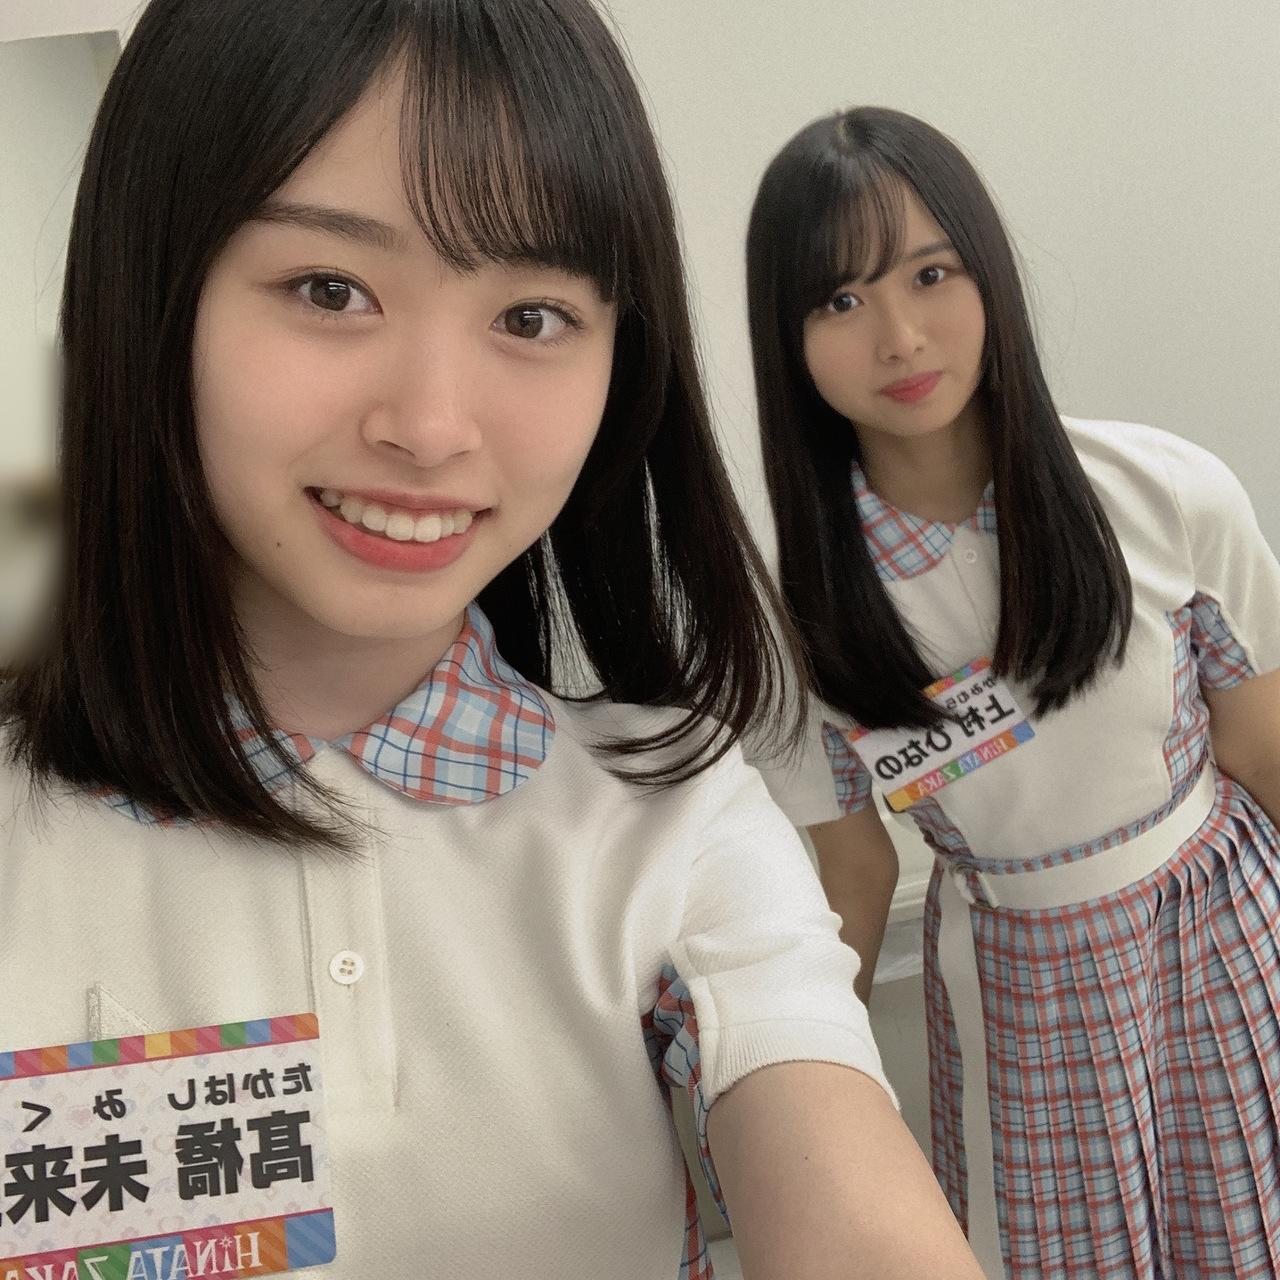 髙橋未来虹ちゃんの「近況!」